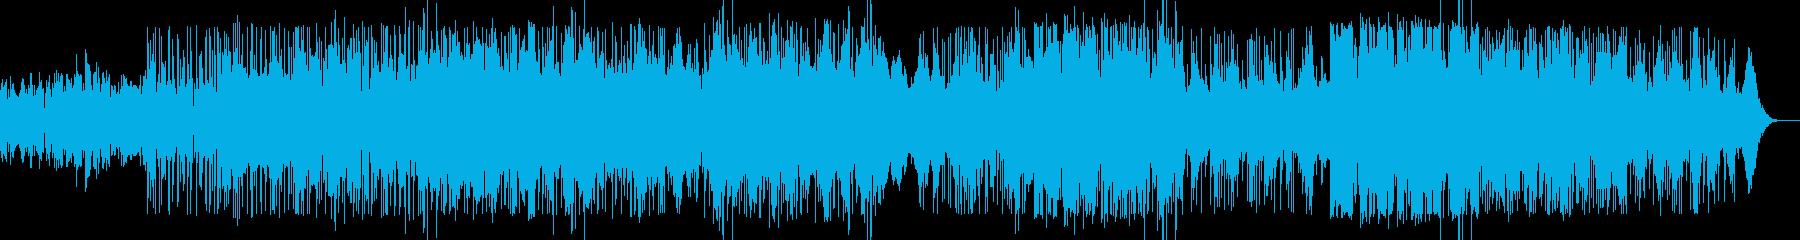 破壊的でノイジーでパーカッシブな電子音楽の再生済みの波形